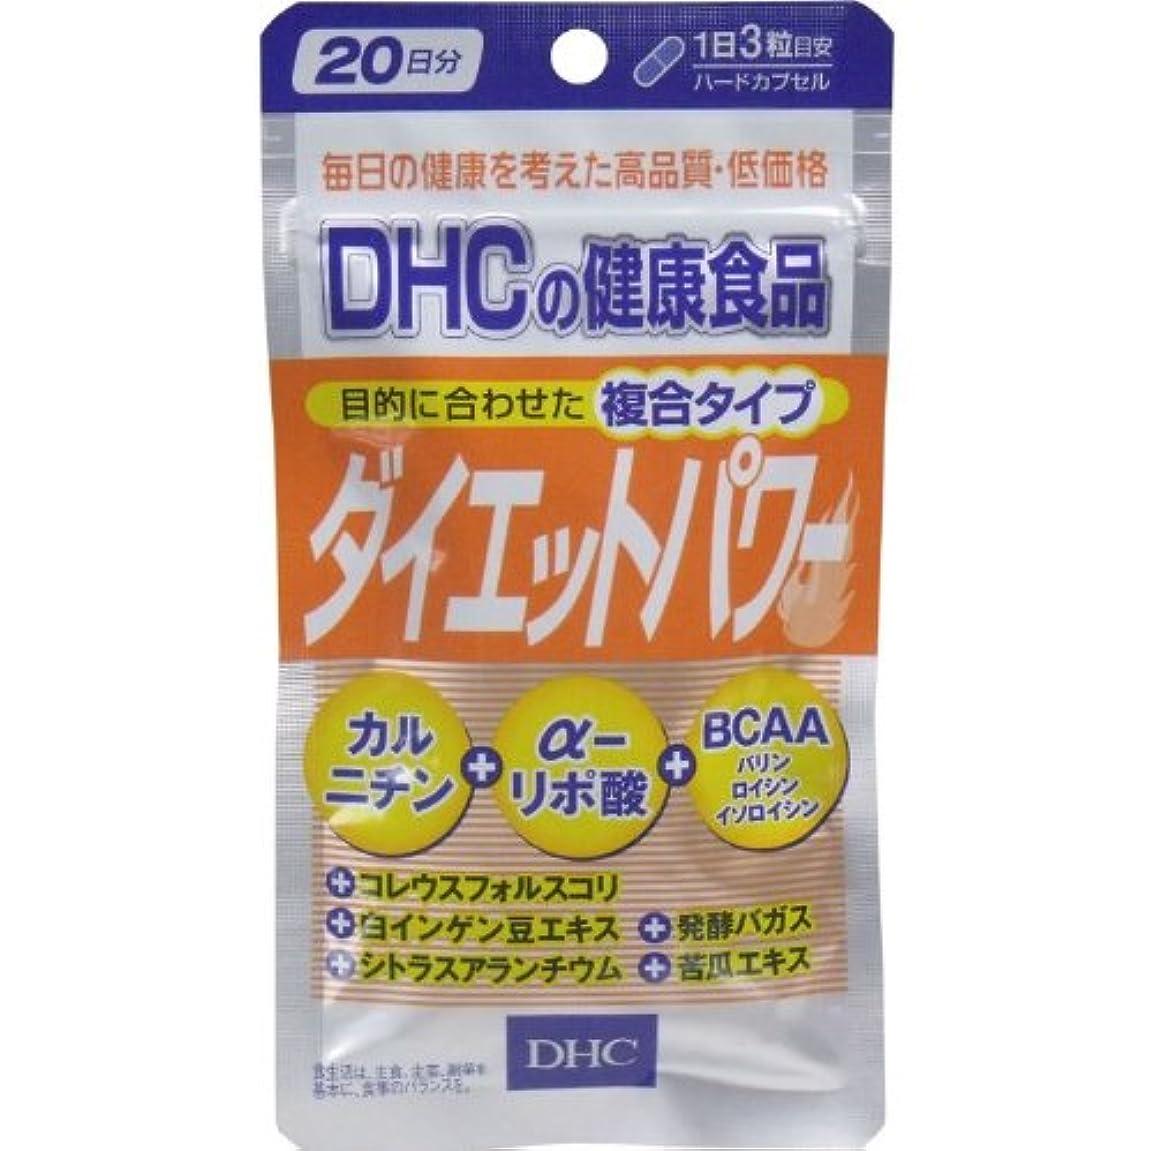 集団起こる掻くDHC ダイエットパワー 60粒入 20日分【4個セット】